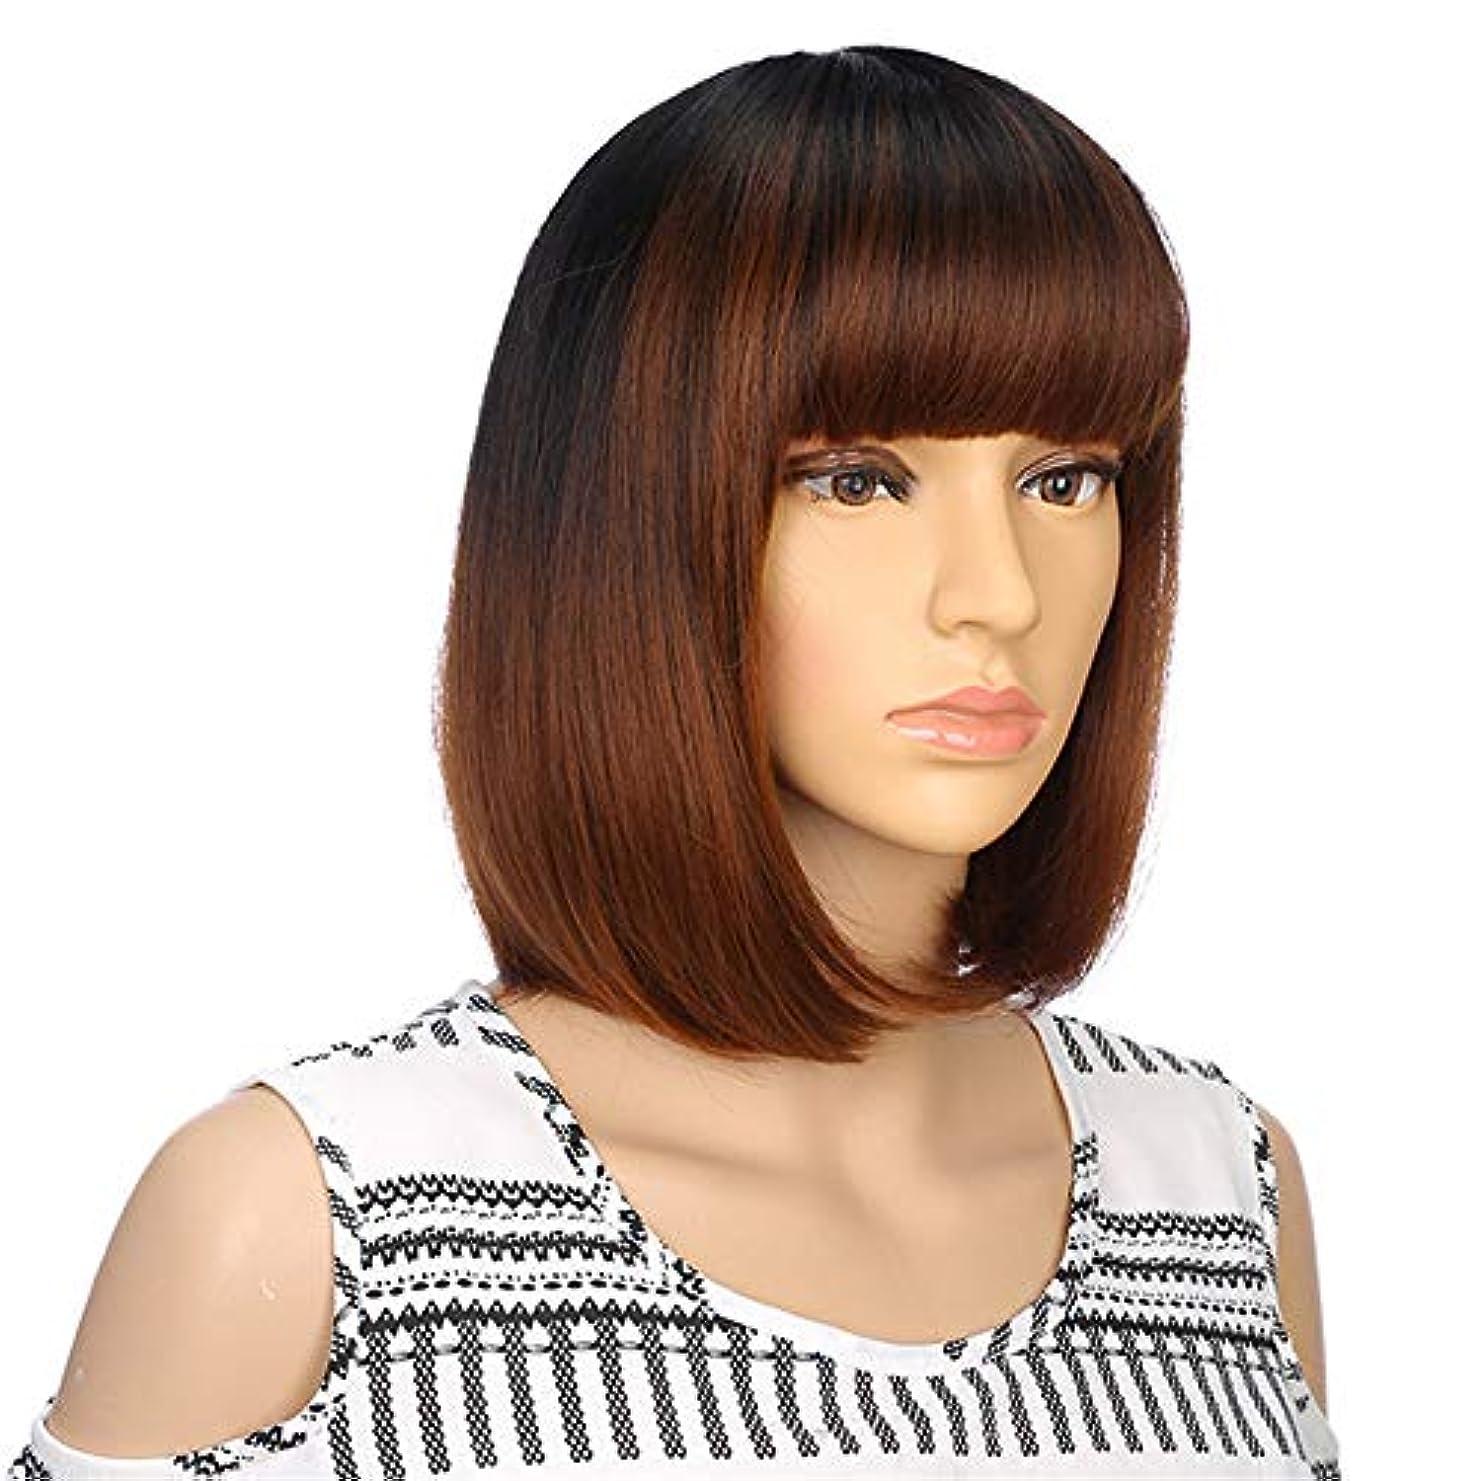 句読点ハブ最も遠いヘアエクステンション合成ブラウンストレートウィッグ女性用前髪長ボブヘアウィッグ耐熱ヘアスタイルコスプレウィッグ13インチ